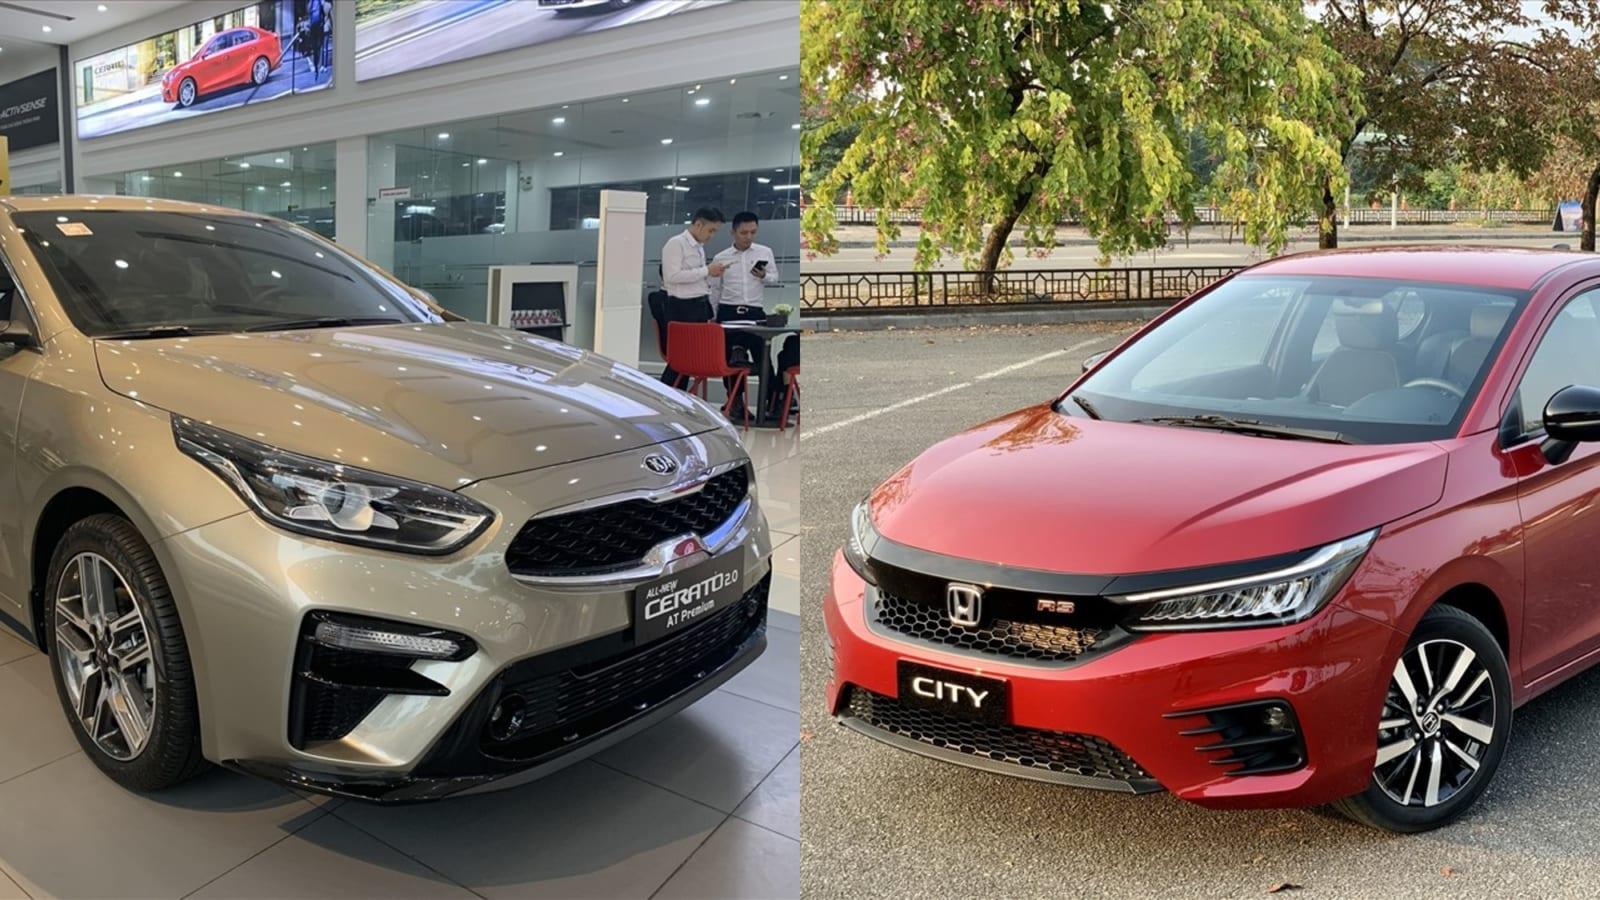 So sánh xe Honda City và Kia Cerato